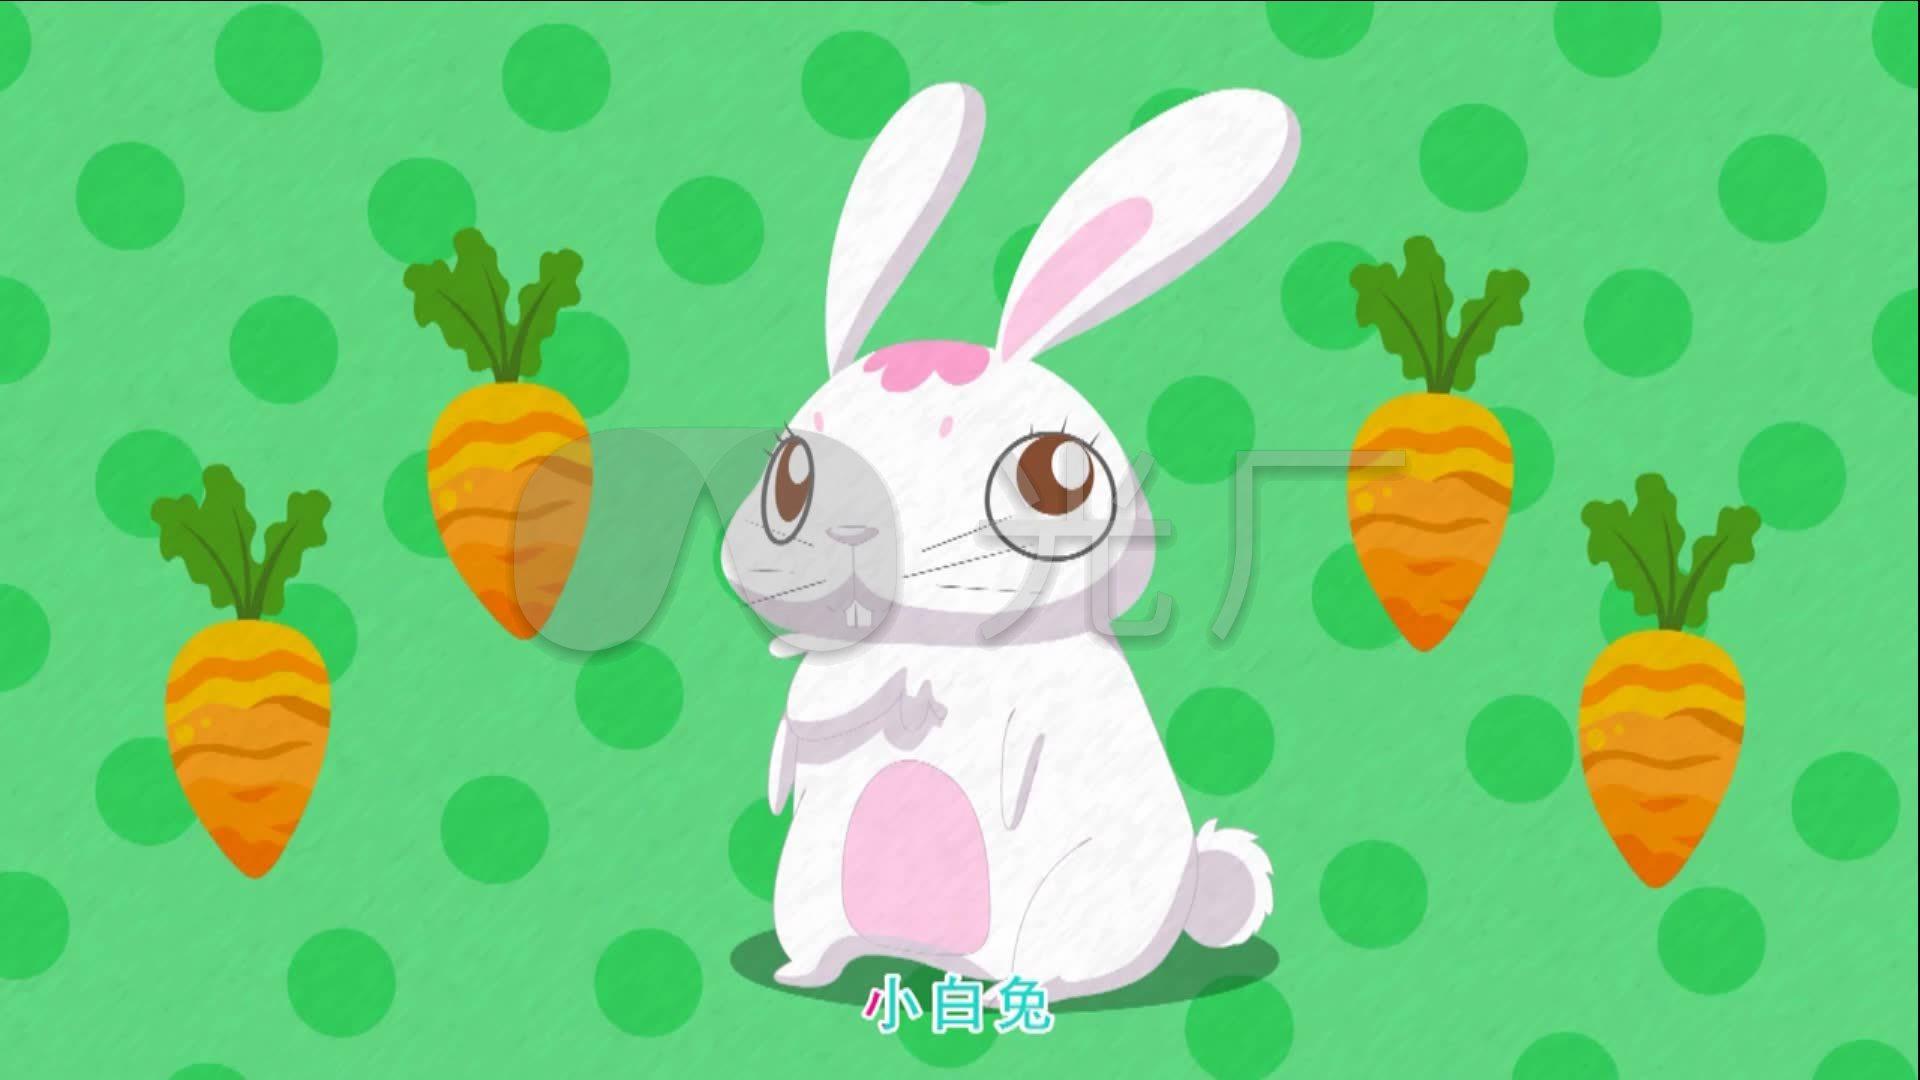 小白兔乖乖视频_小白兔乖乖儿歌视频_小白兔乖... _亲亲宝贝视频